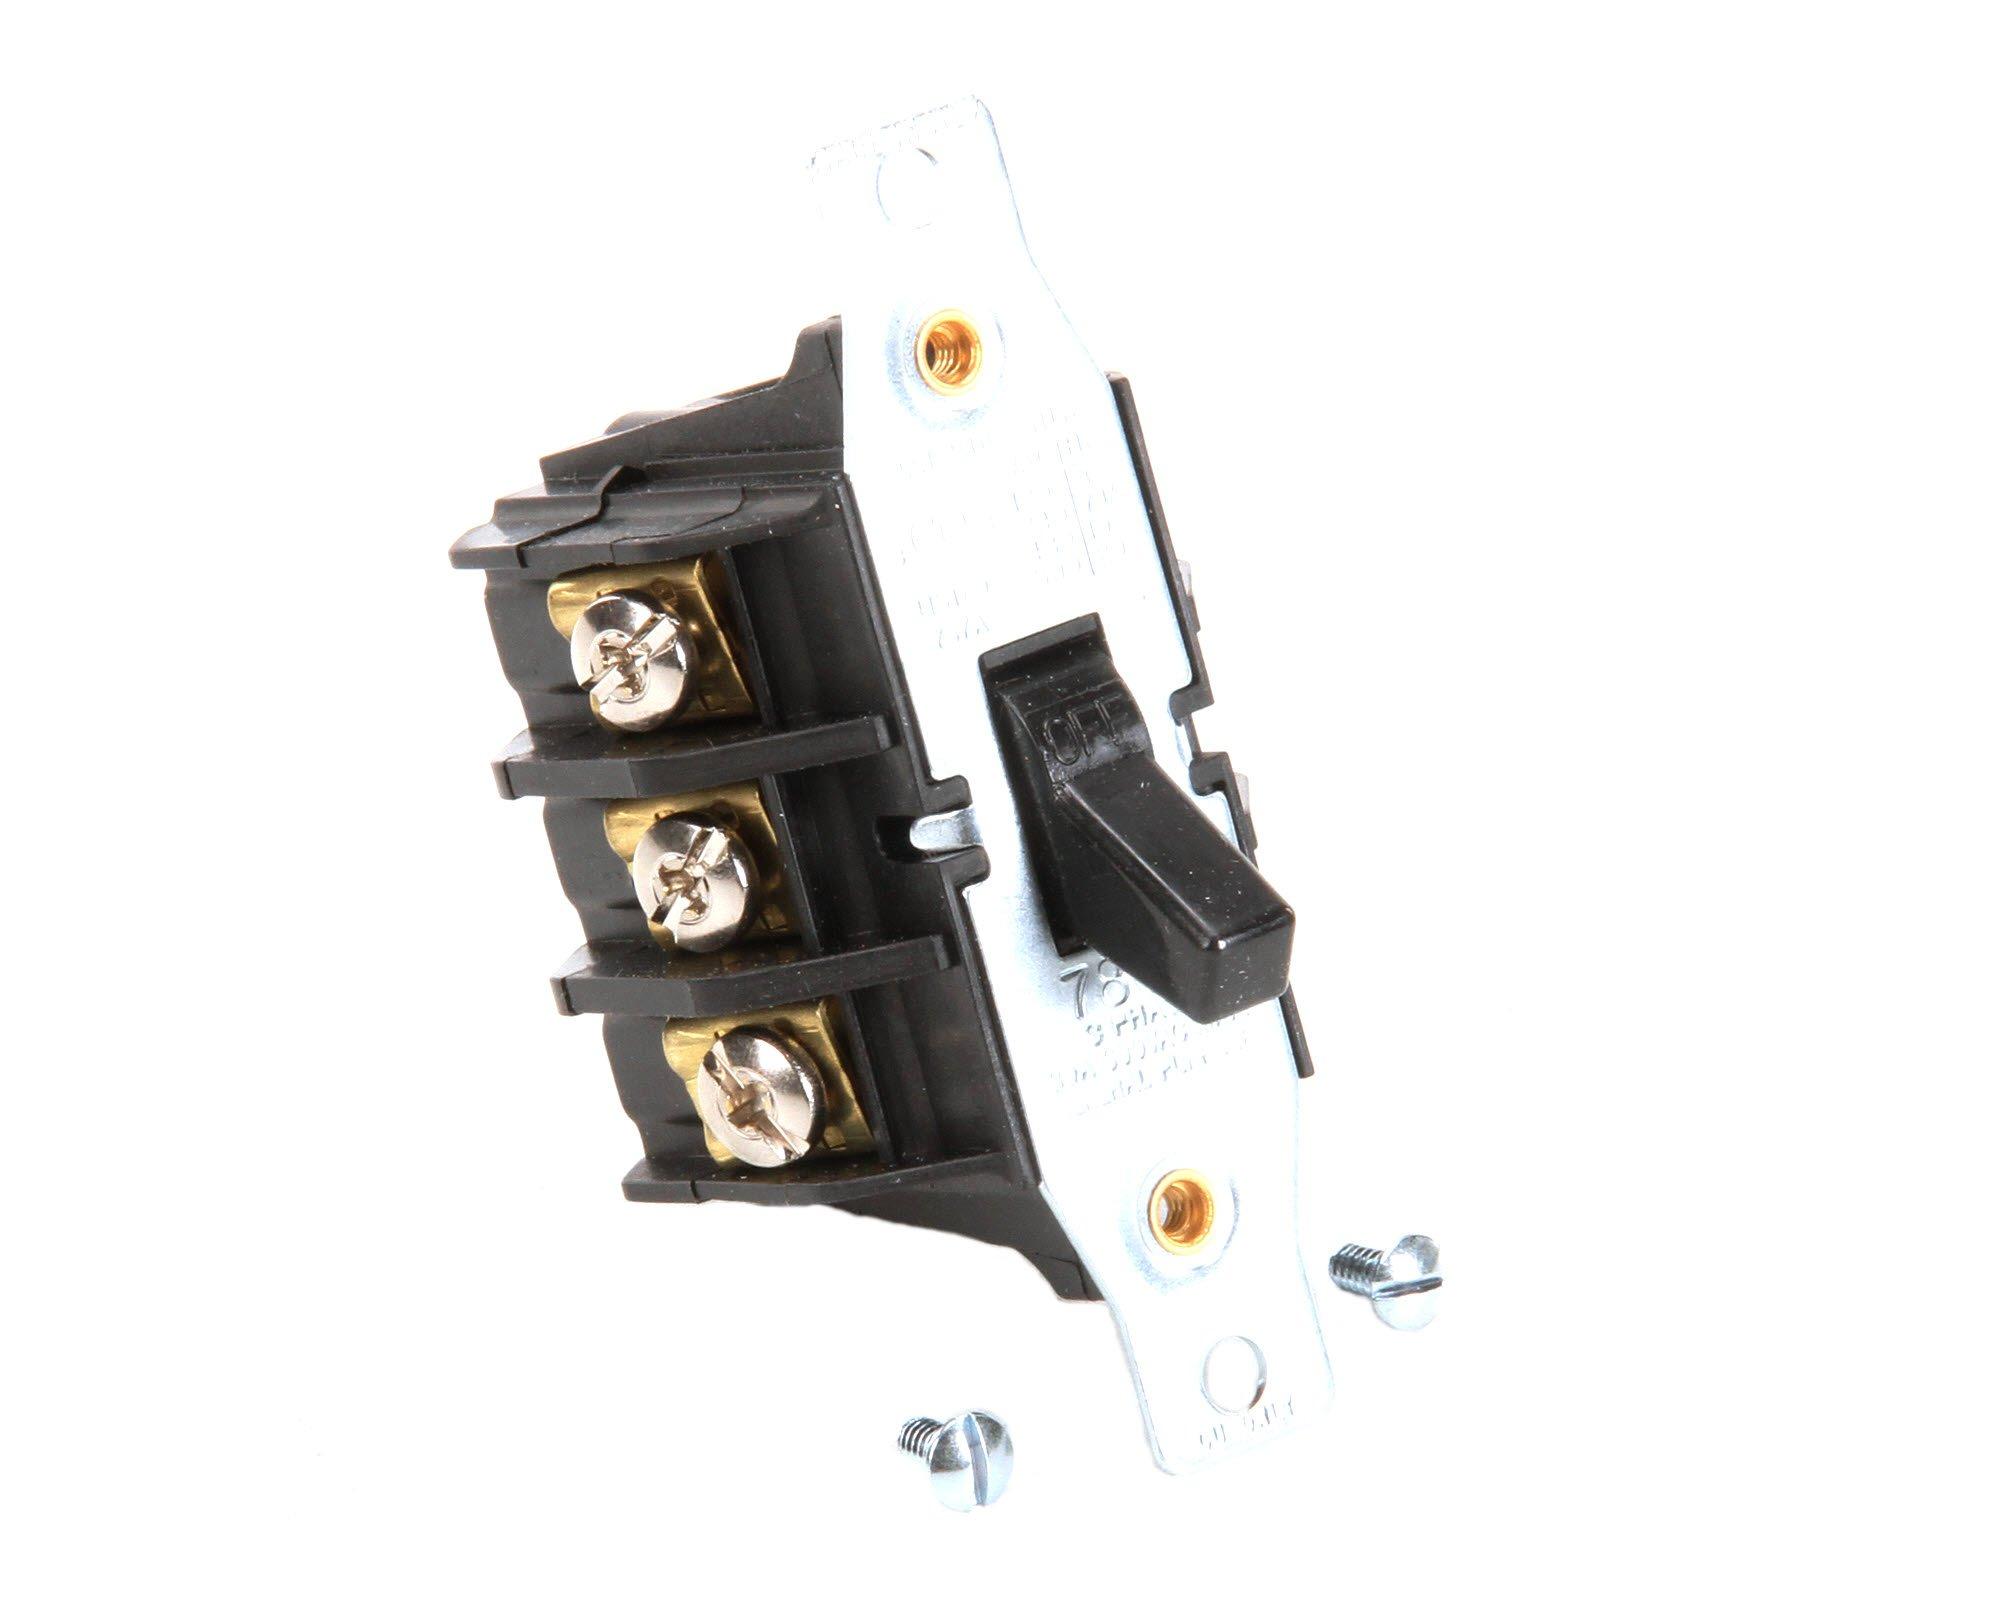 Duke 212100 3 Phase Toggle Switch